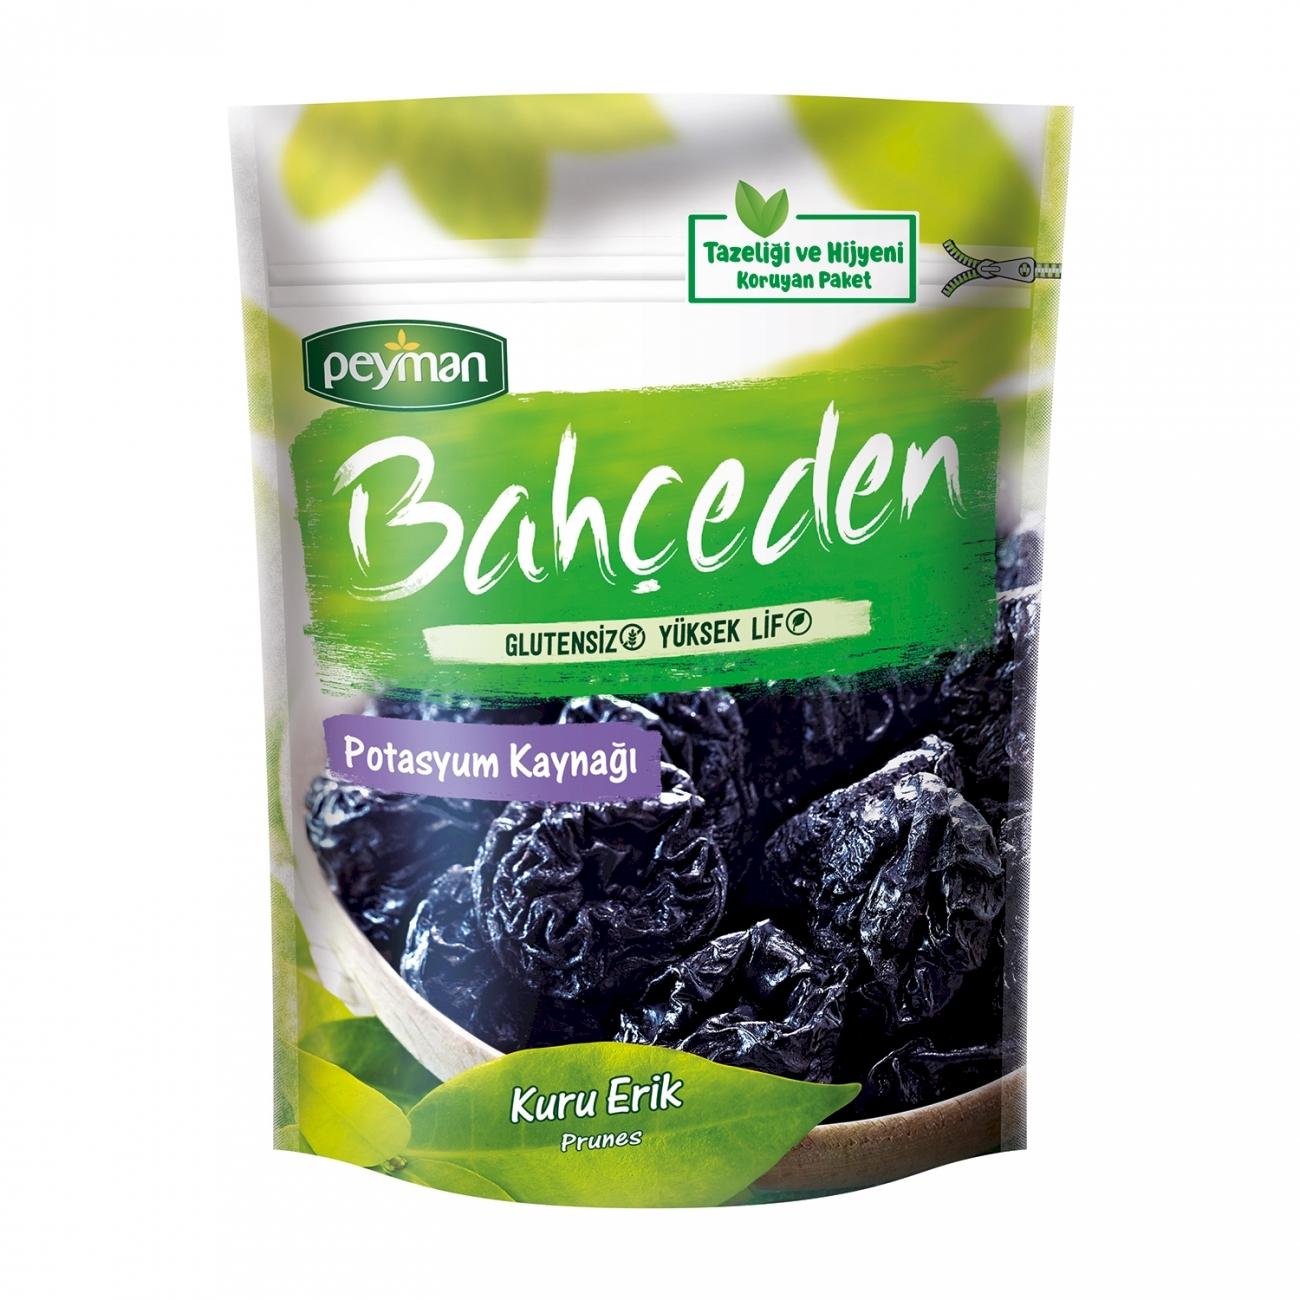 Peyman Bahceden Ready to Eat Dried Prunes Gluten Free 155 gr